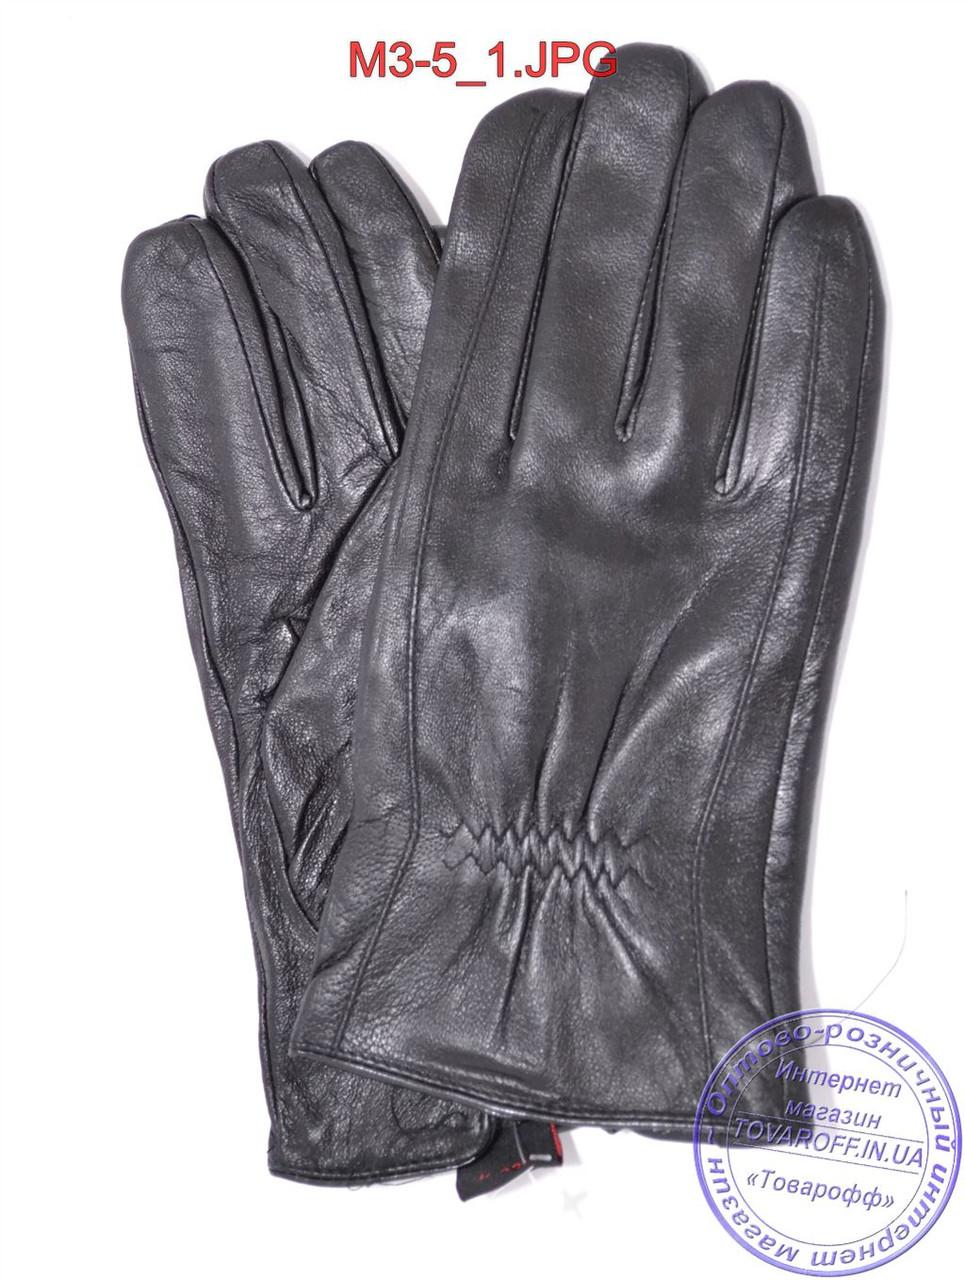 Оптом мужские кожаные перчатки с плюшевой подкладкой  - №M3-5